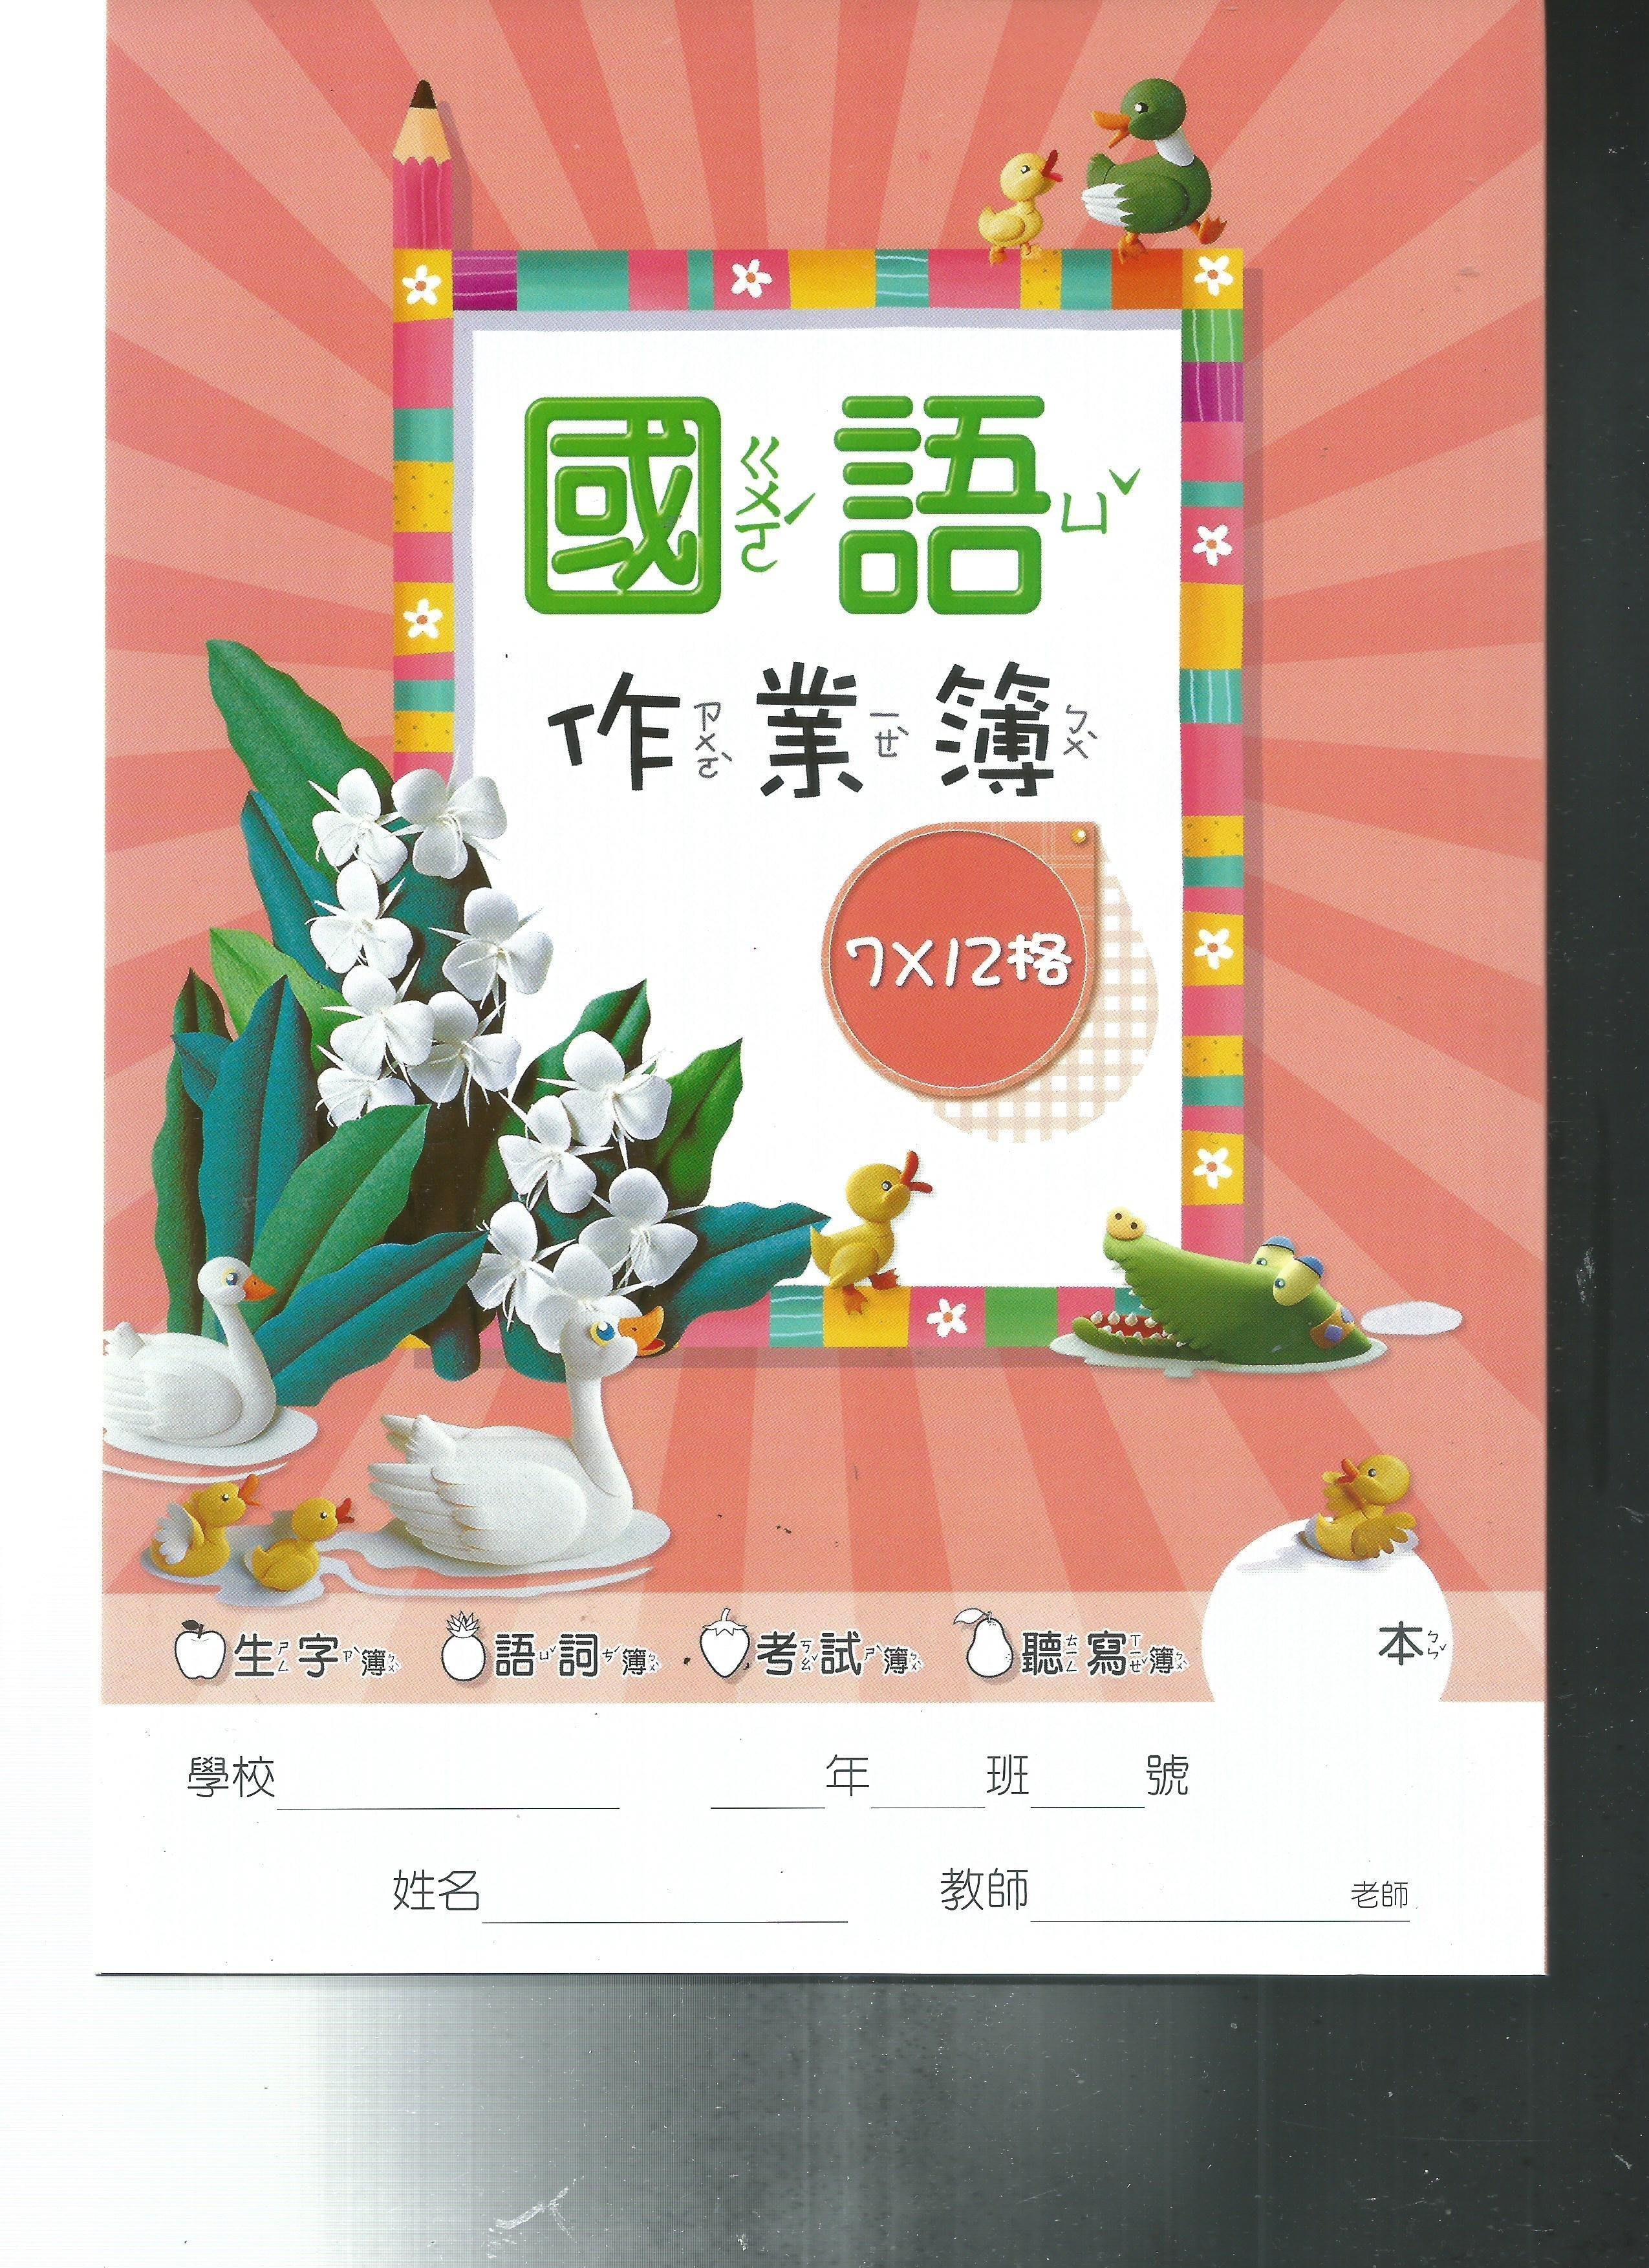 鼎甲文化 國小國語作業簿7*12格